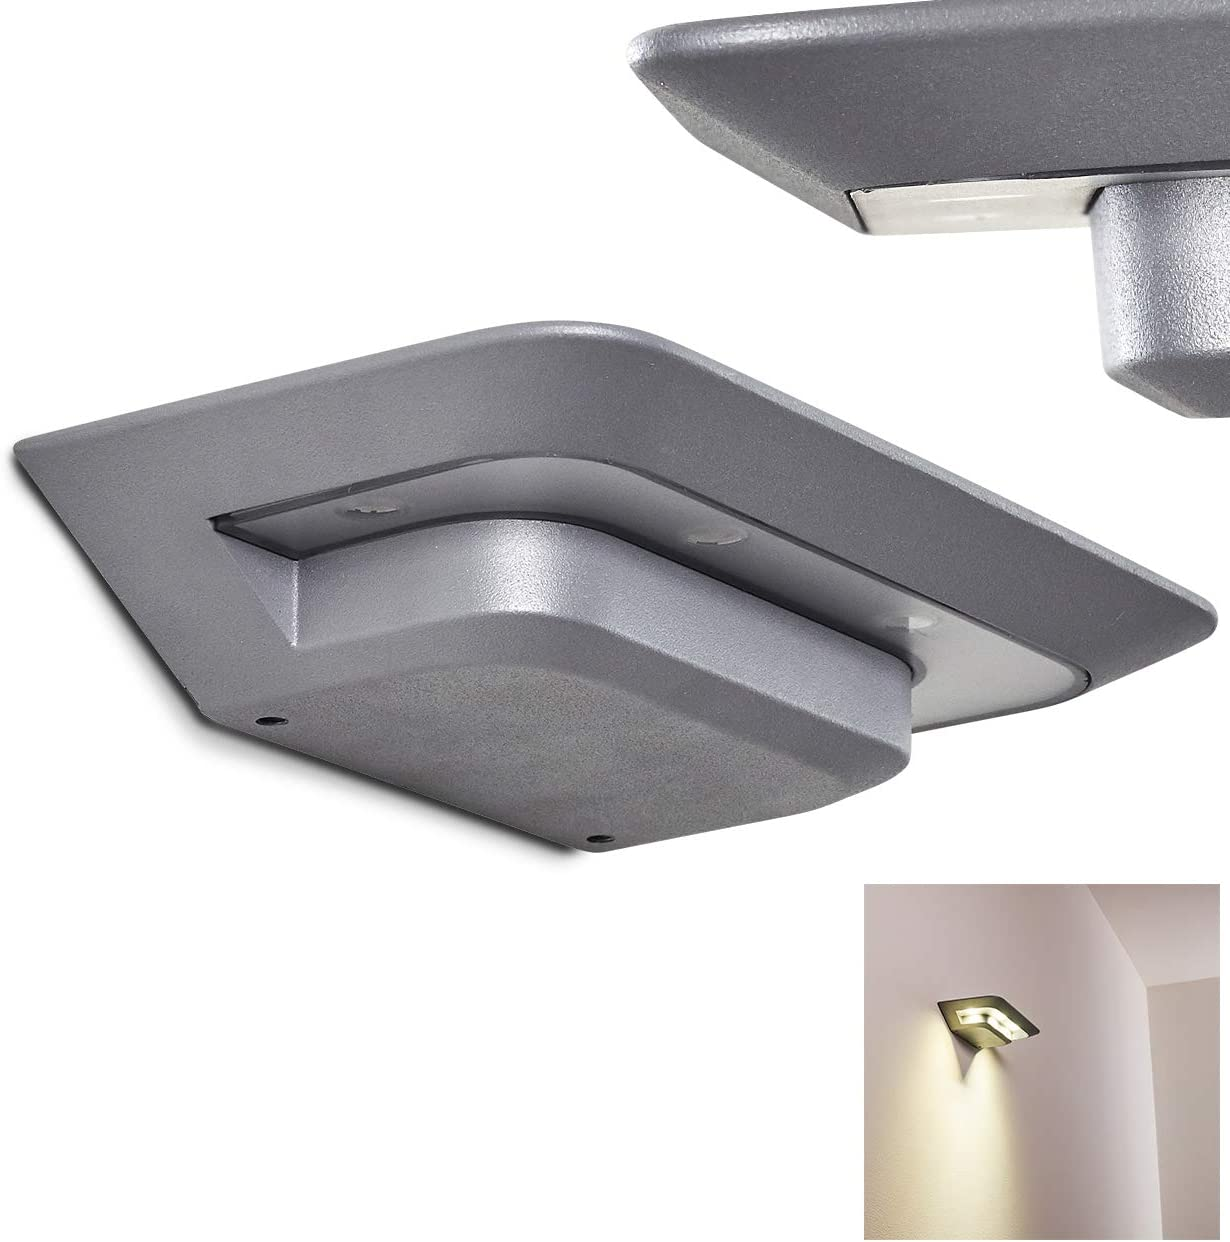 Aplique de exterior LED Sonderhav de aluminio plateado, 12 vatios, 702 Lúmenes, 4100 Kelvin, IP 54, ideal para fachada y puerta de entrada.: Amazon.es: Iluminación